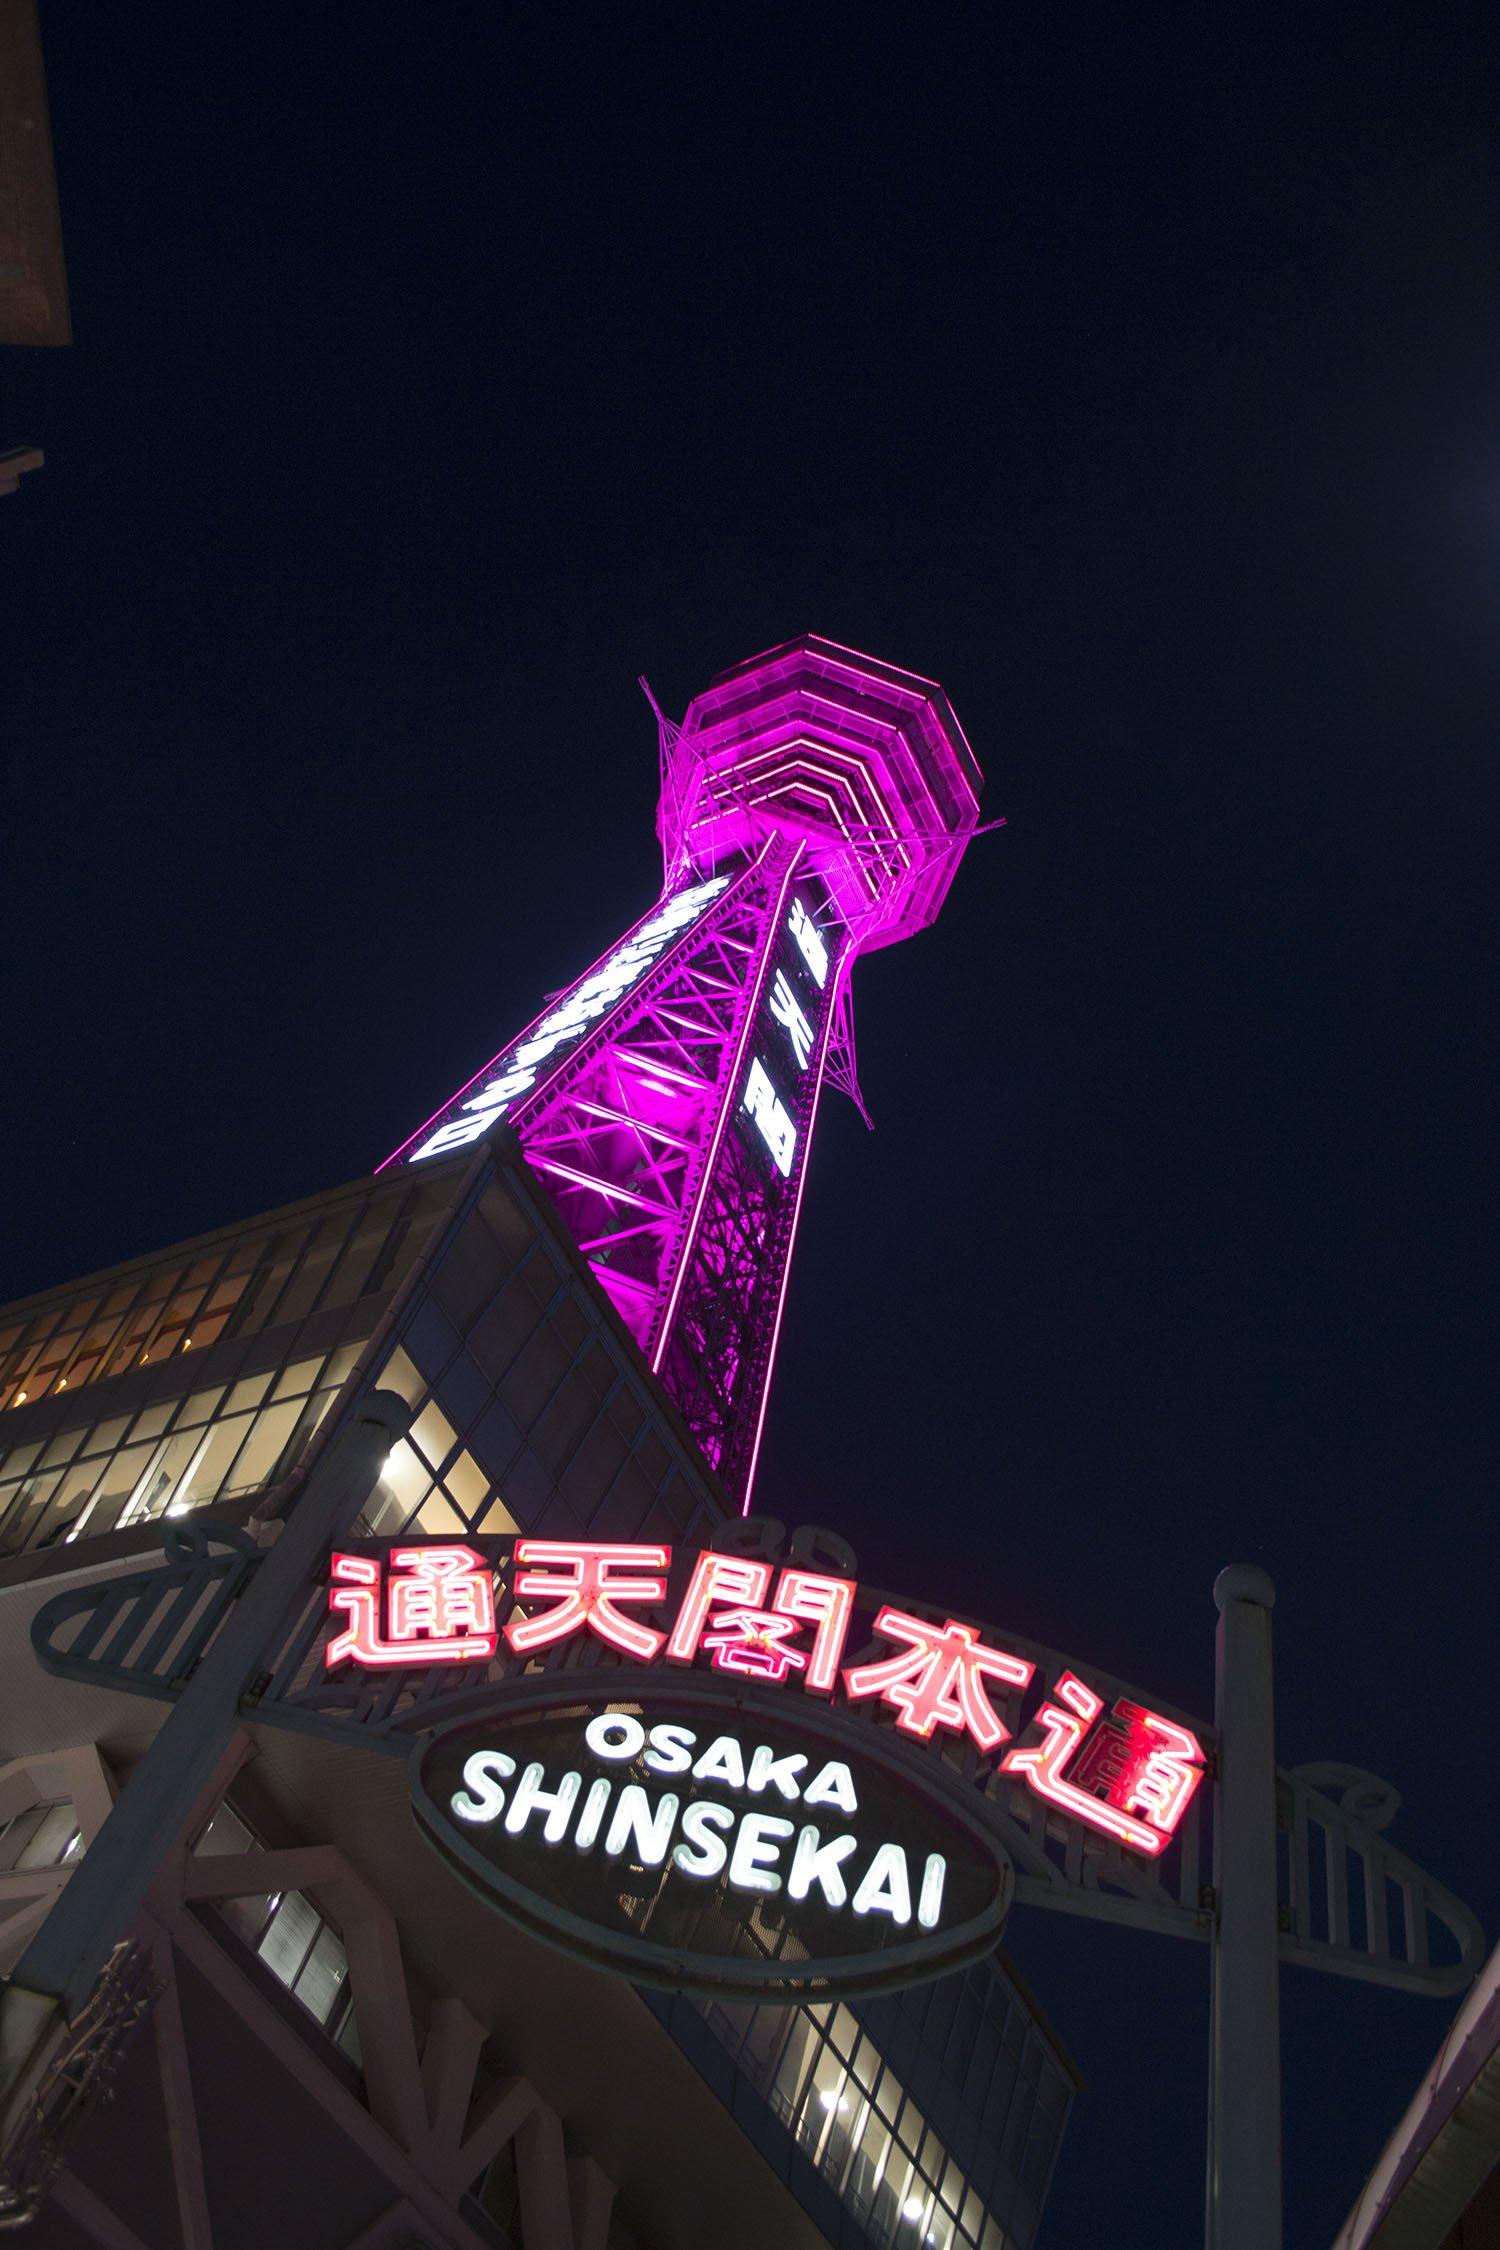 Torre Shinsekai